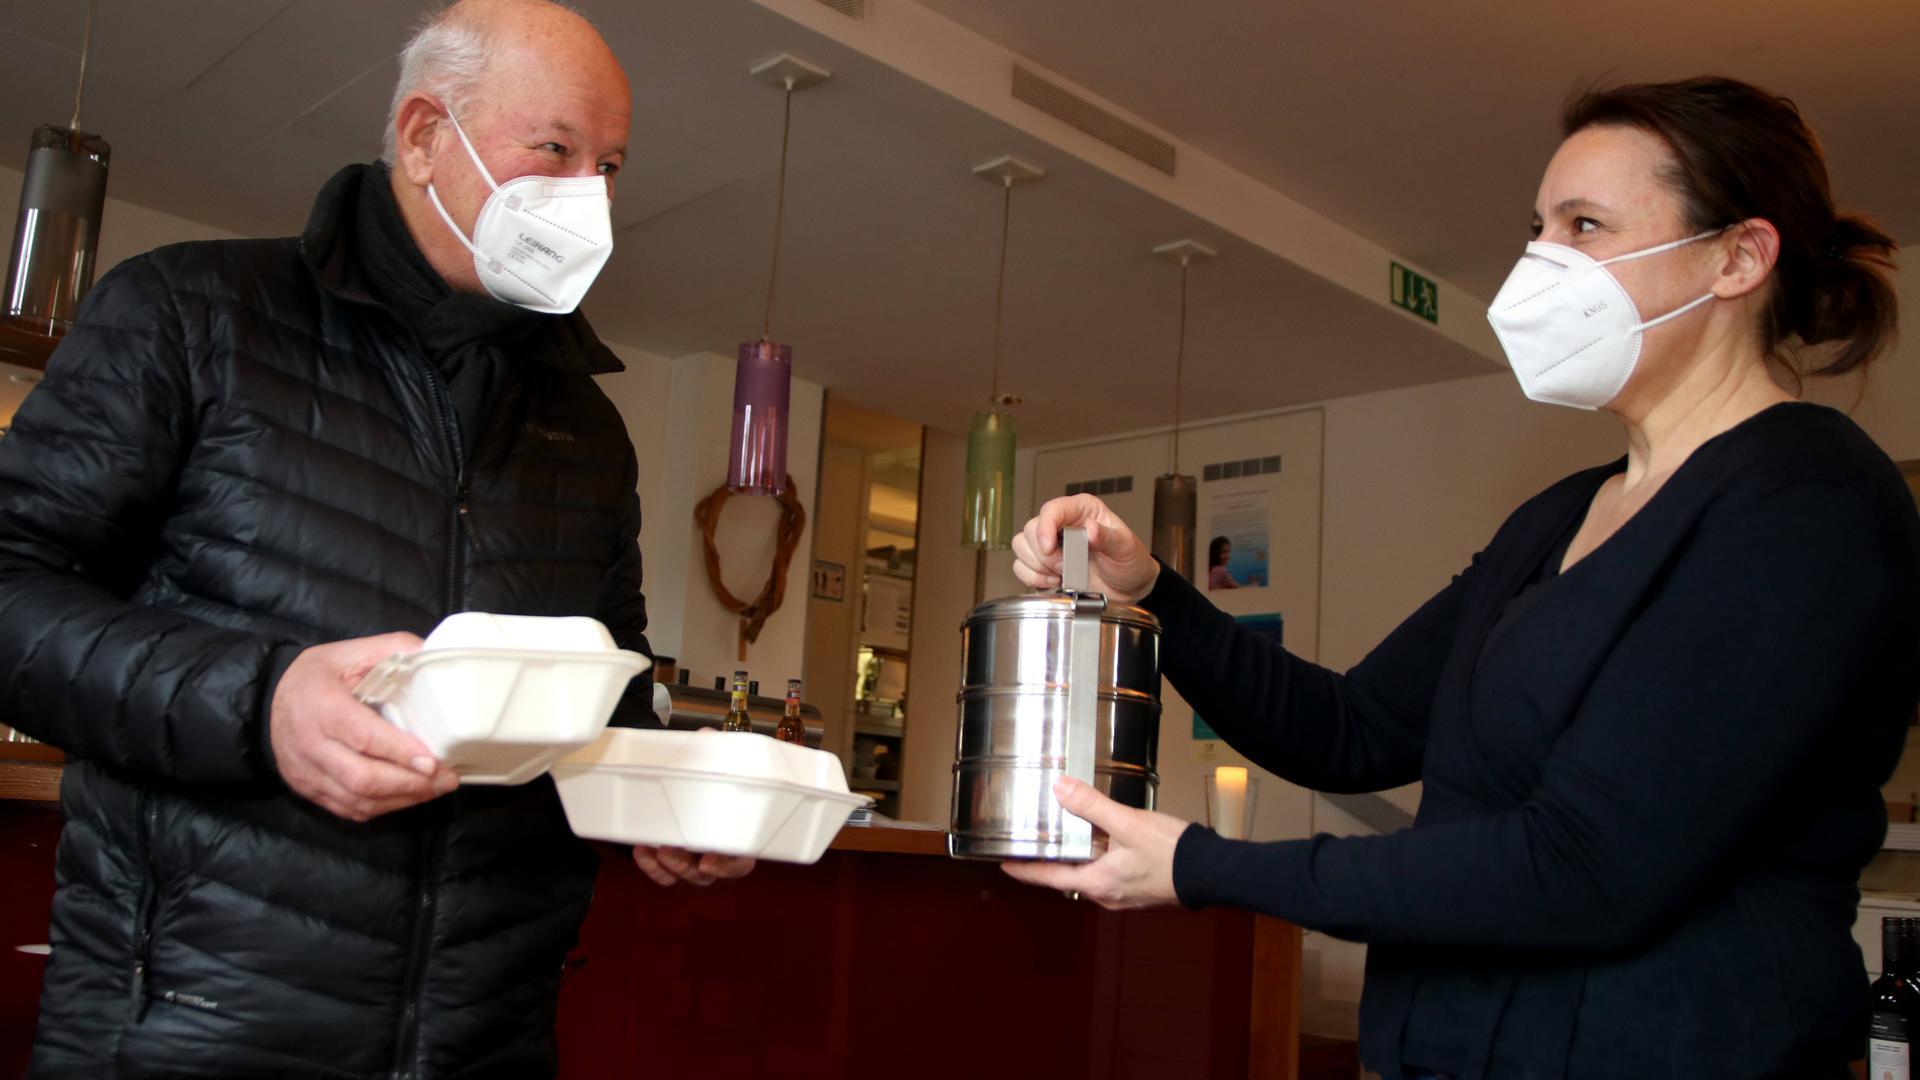 Kompostierbare Behälter und Mehrweggeschirr für das To-Go-Geschäft im Goldenen Anker